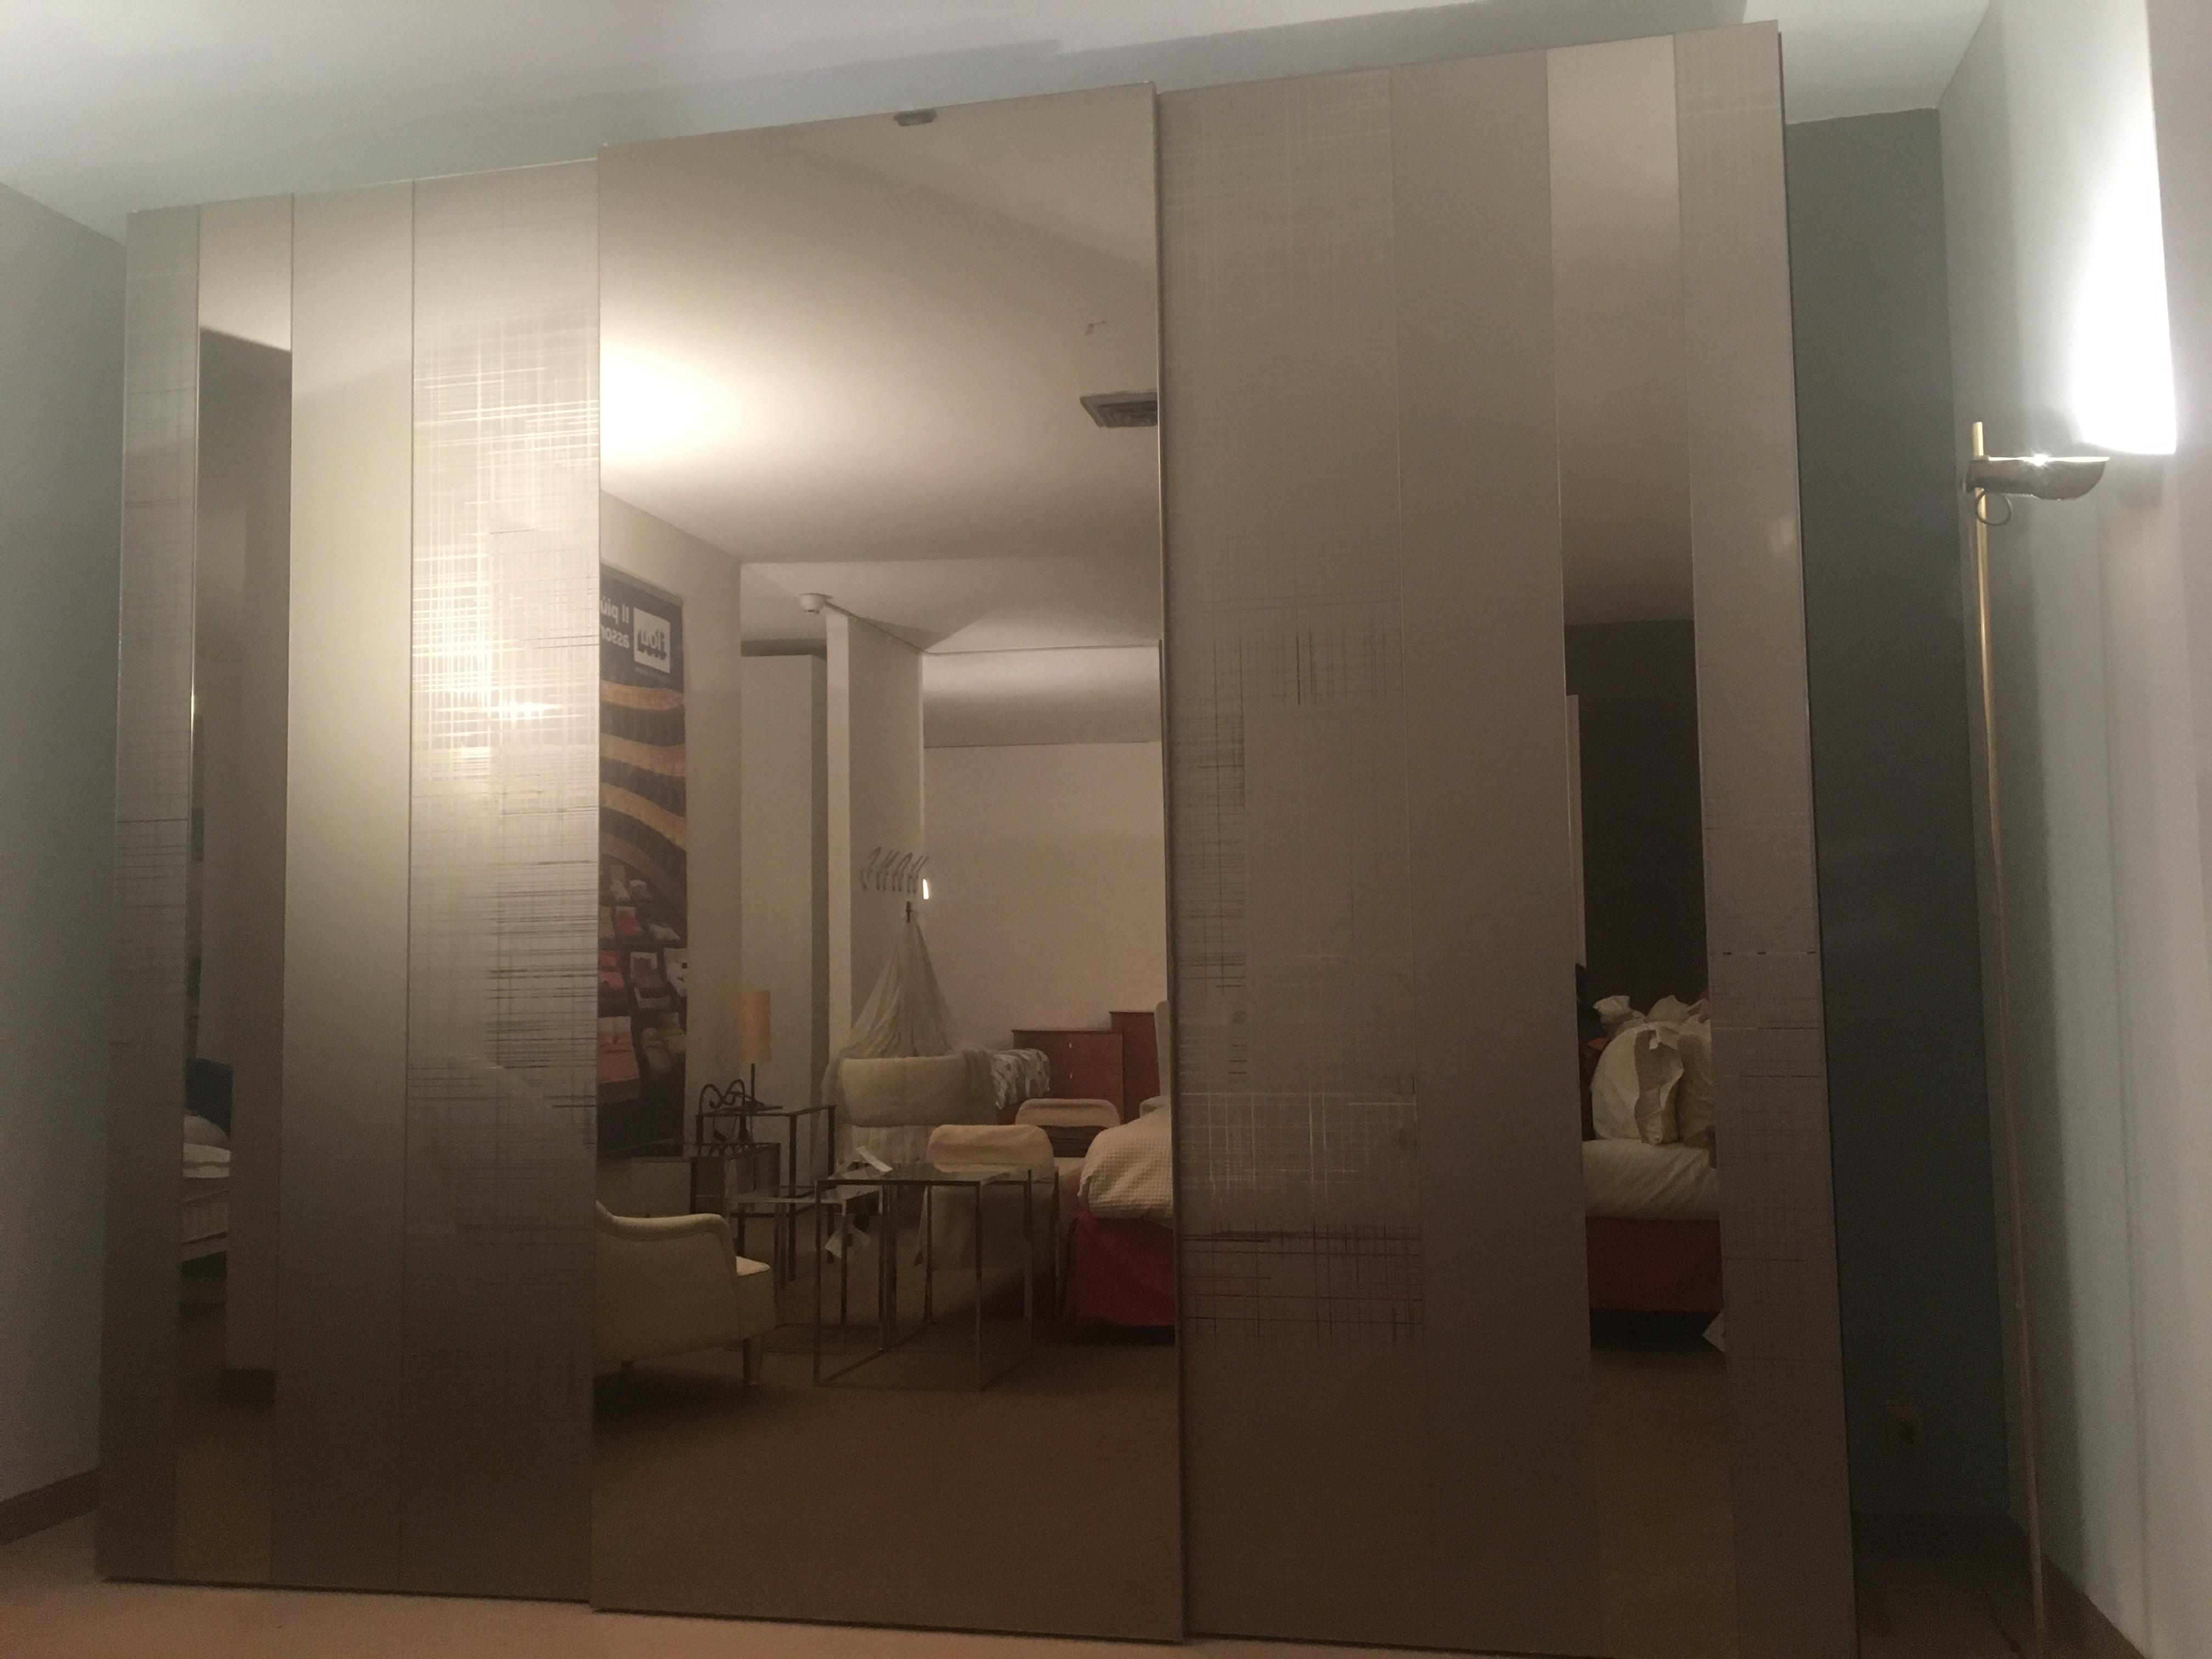 Promozione Cattelan specchio mod. Bullet - Mellera Outlet ...